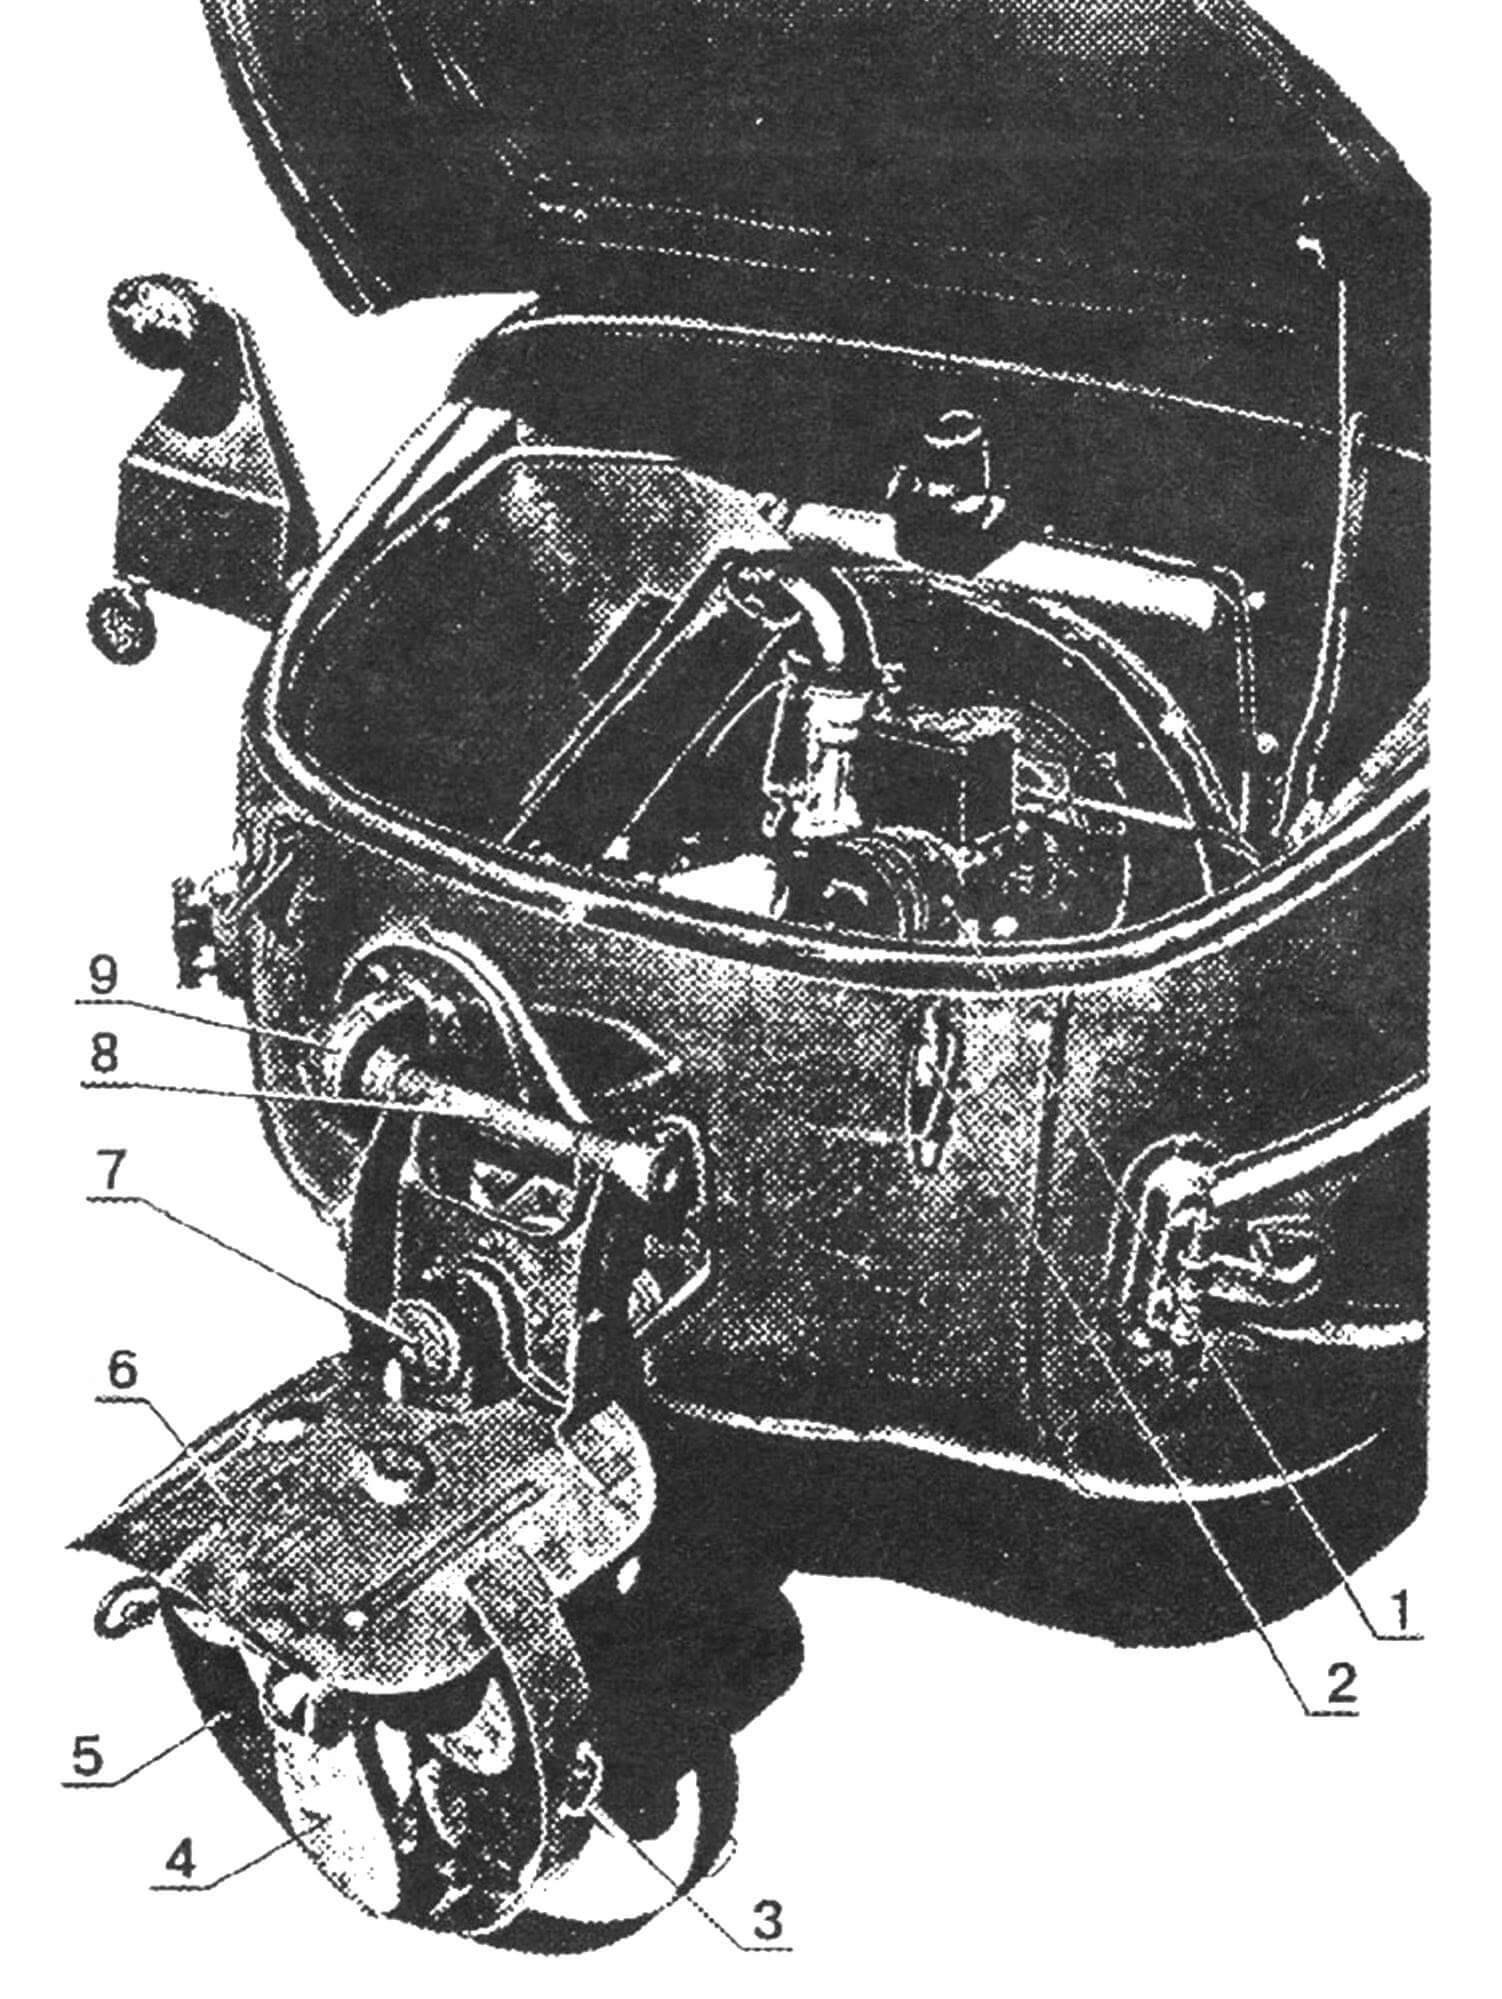 Откидная колонка гребного винта и моторный отсек: 1 — двигатель; 2 — замок капота; 3 — петля крепления колонки в поднятом положении; 4 — винт гребной; 5 — кольцо защитное; 6 — козырек антикавитационный; 7 — корпус ведущего вала колонки; 8 — ось вращения колонки; 9 — кожух звездочки механизма подъема колонки.